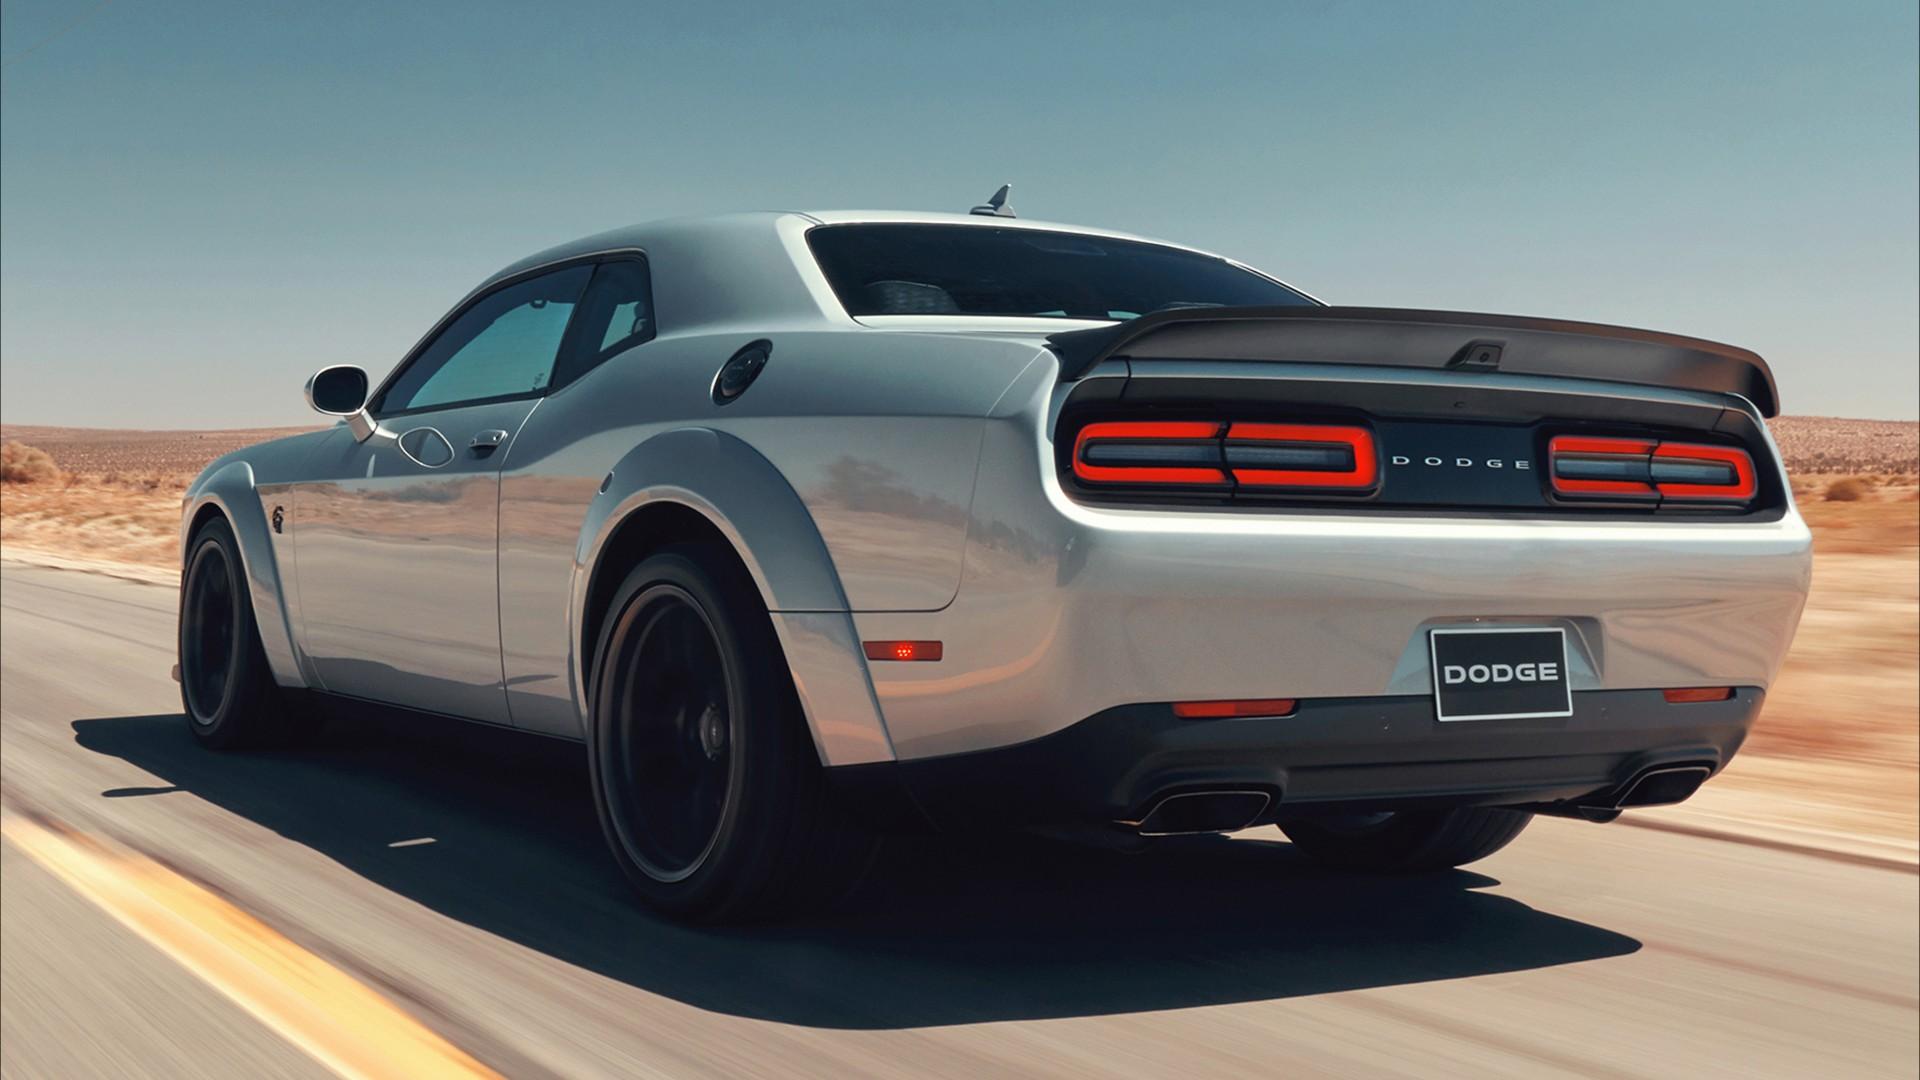 Wallpaper Dodge Challenger SRT Hellcat, 2019 Cars, 4K ...